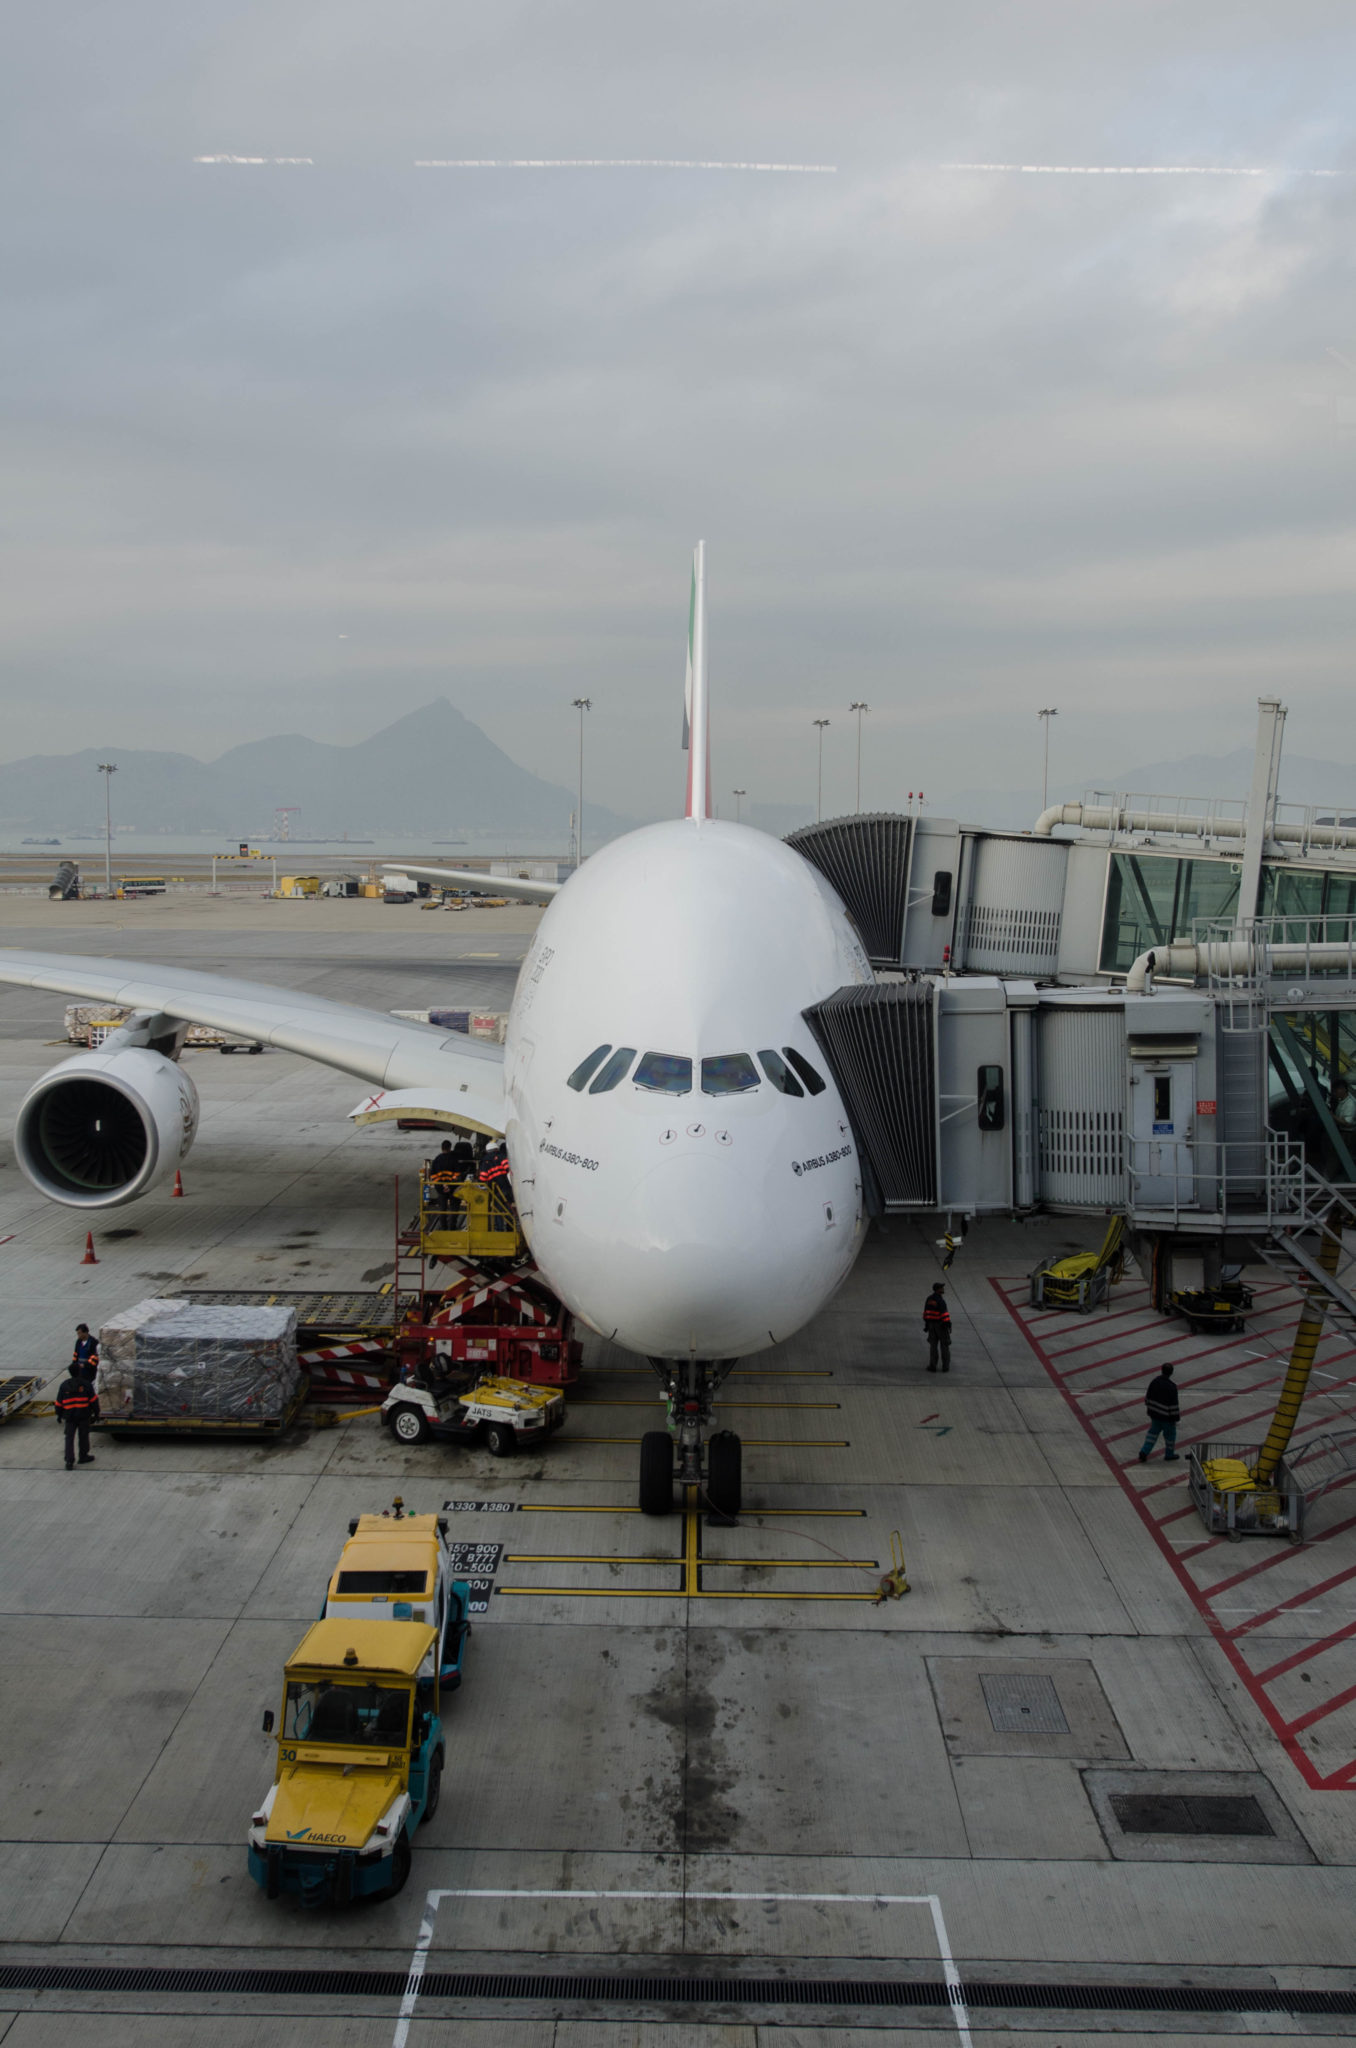 Mit dem Flugzeug kommt man einfach in die Megastadt.